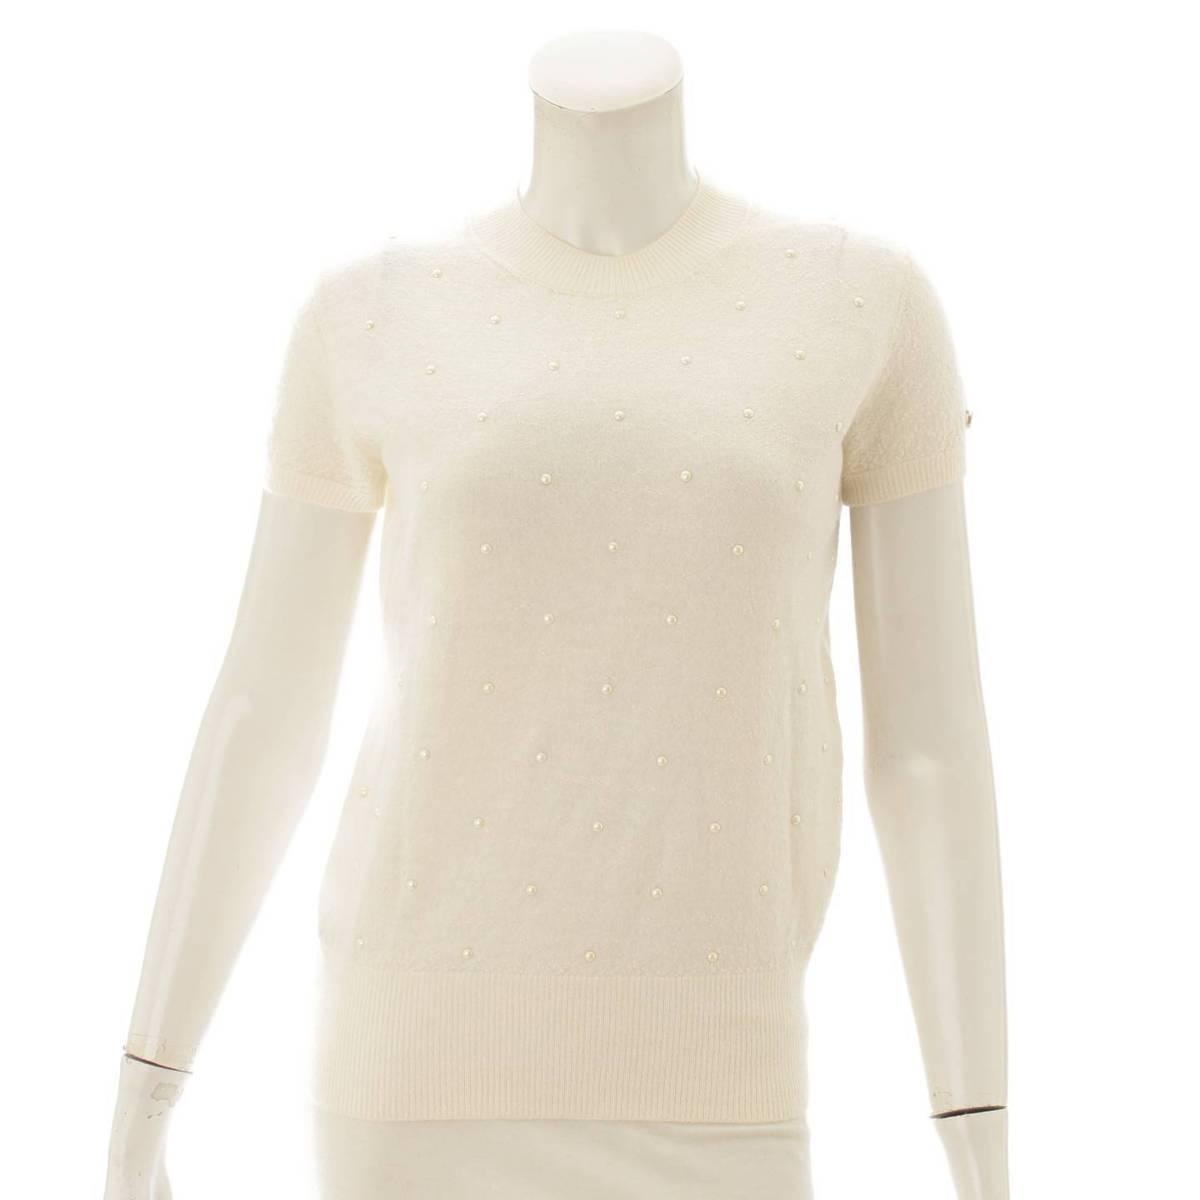 【シャネル】Chanel カシミヤ混 半袖ニット セーター トップス P50076 ホワイト 36 【中古】【鑑定済・正規品保証】84708